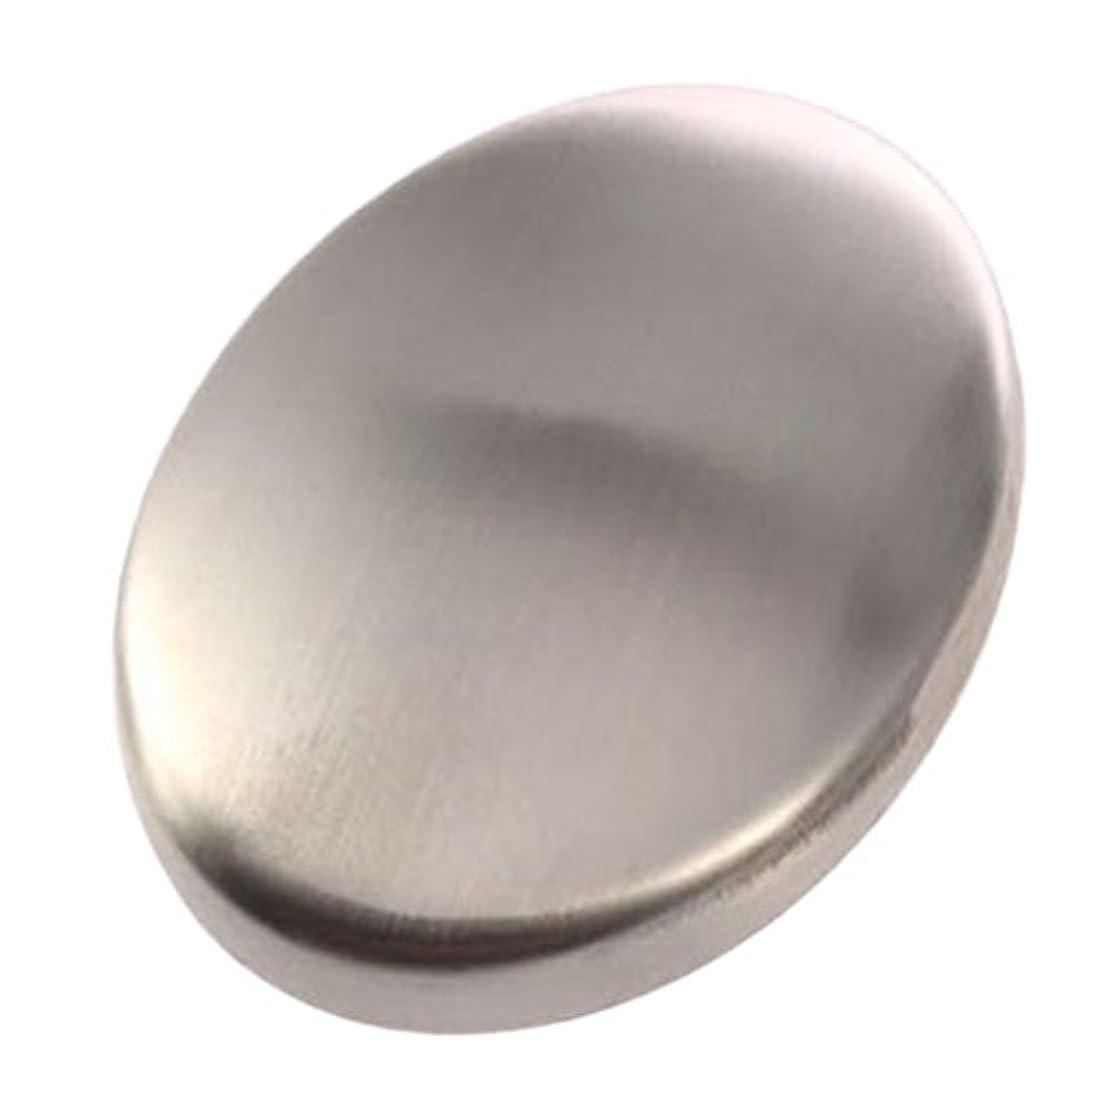 前奏曲チャンピオンシップ作り上げるZafina ステンレスソープ 円形 においとりソープ 臭い取り ステンレス石鹸